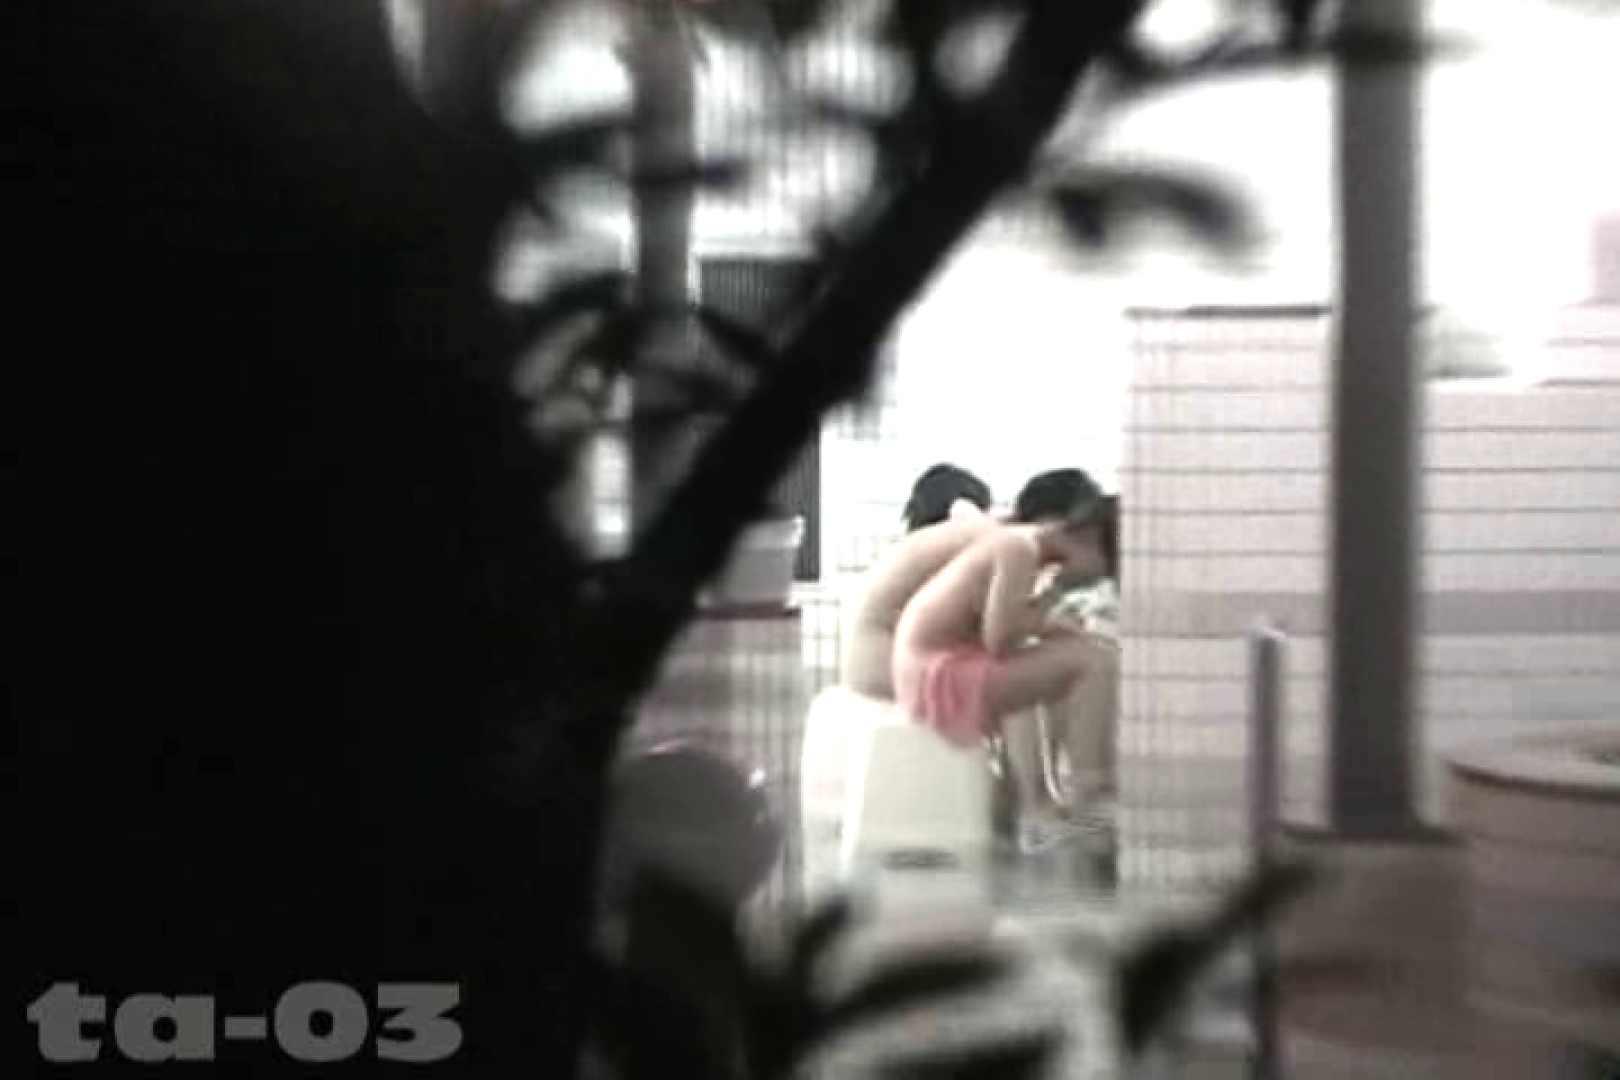 合宿ホテル女風呂盗撮高画質版 Vol.03 女風呂 盗撮ワレメ無修正動画無料 49pic 47